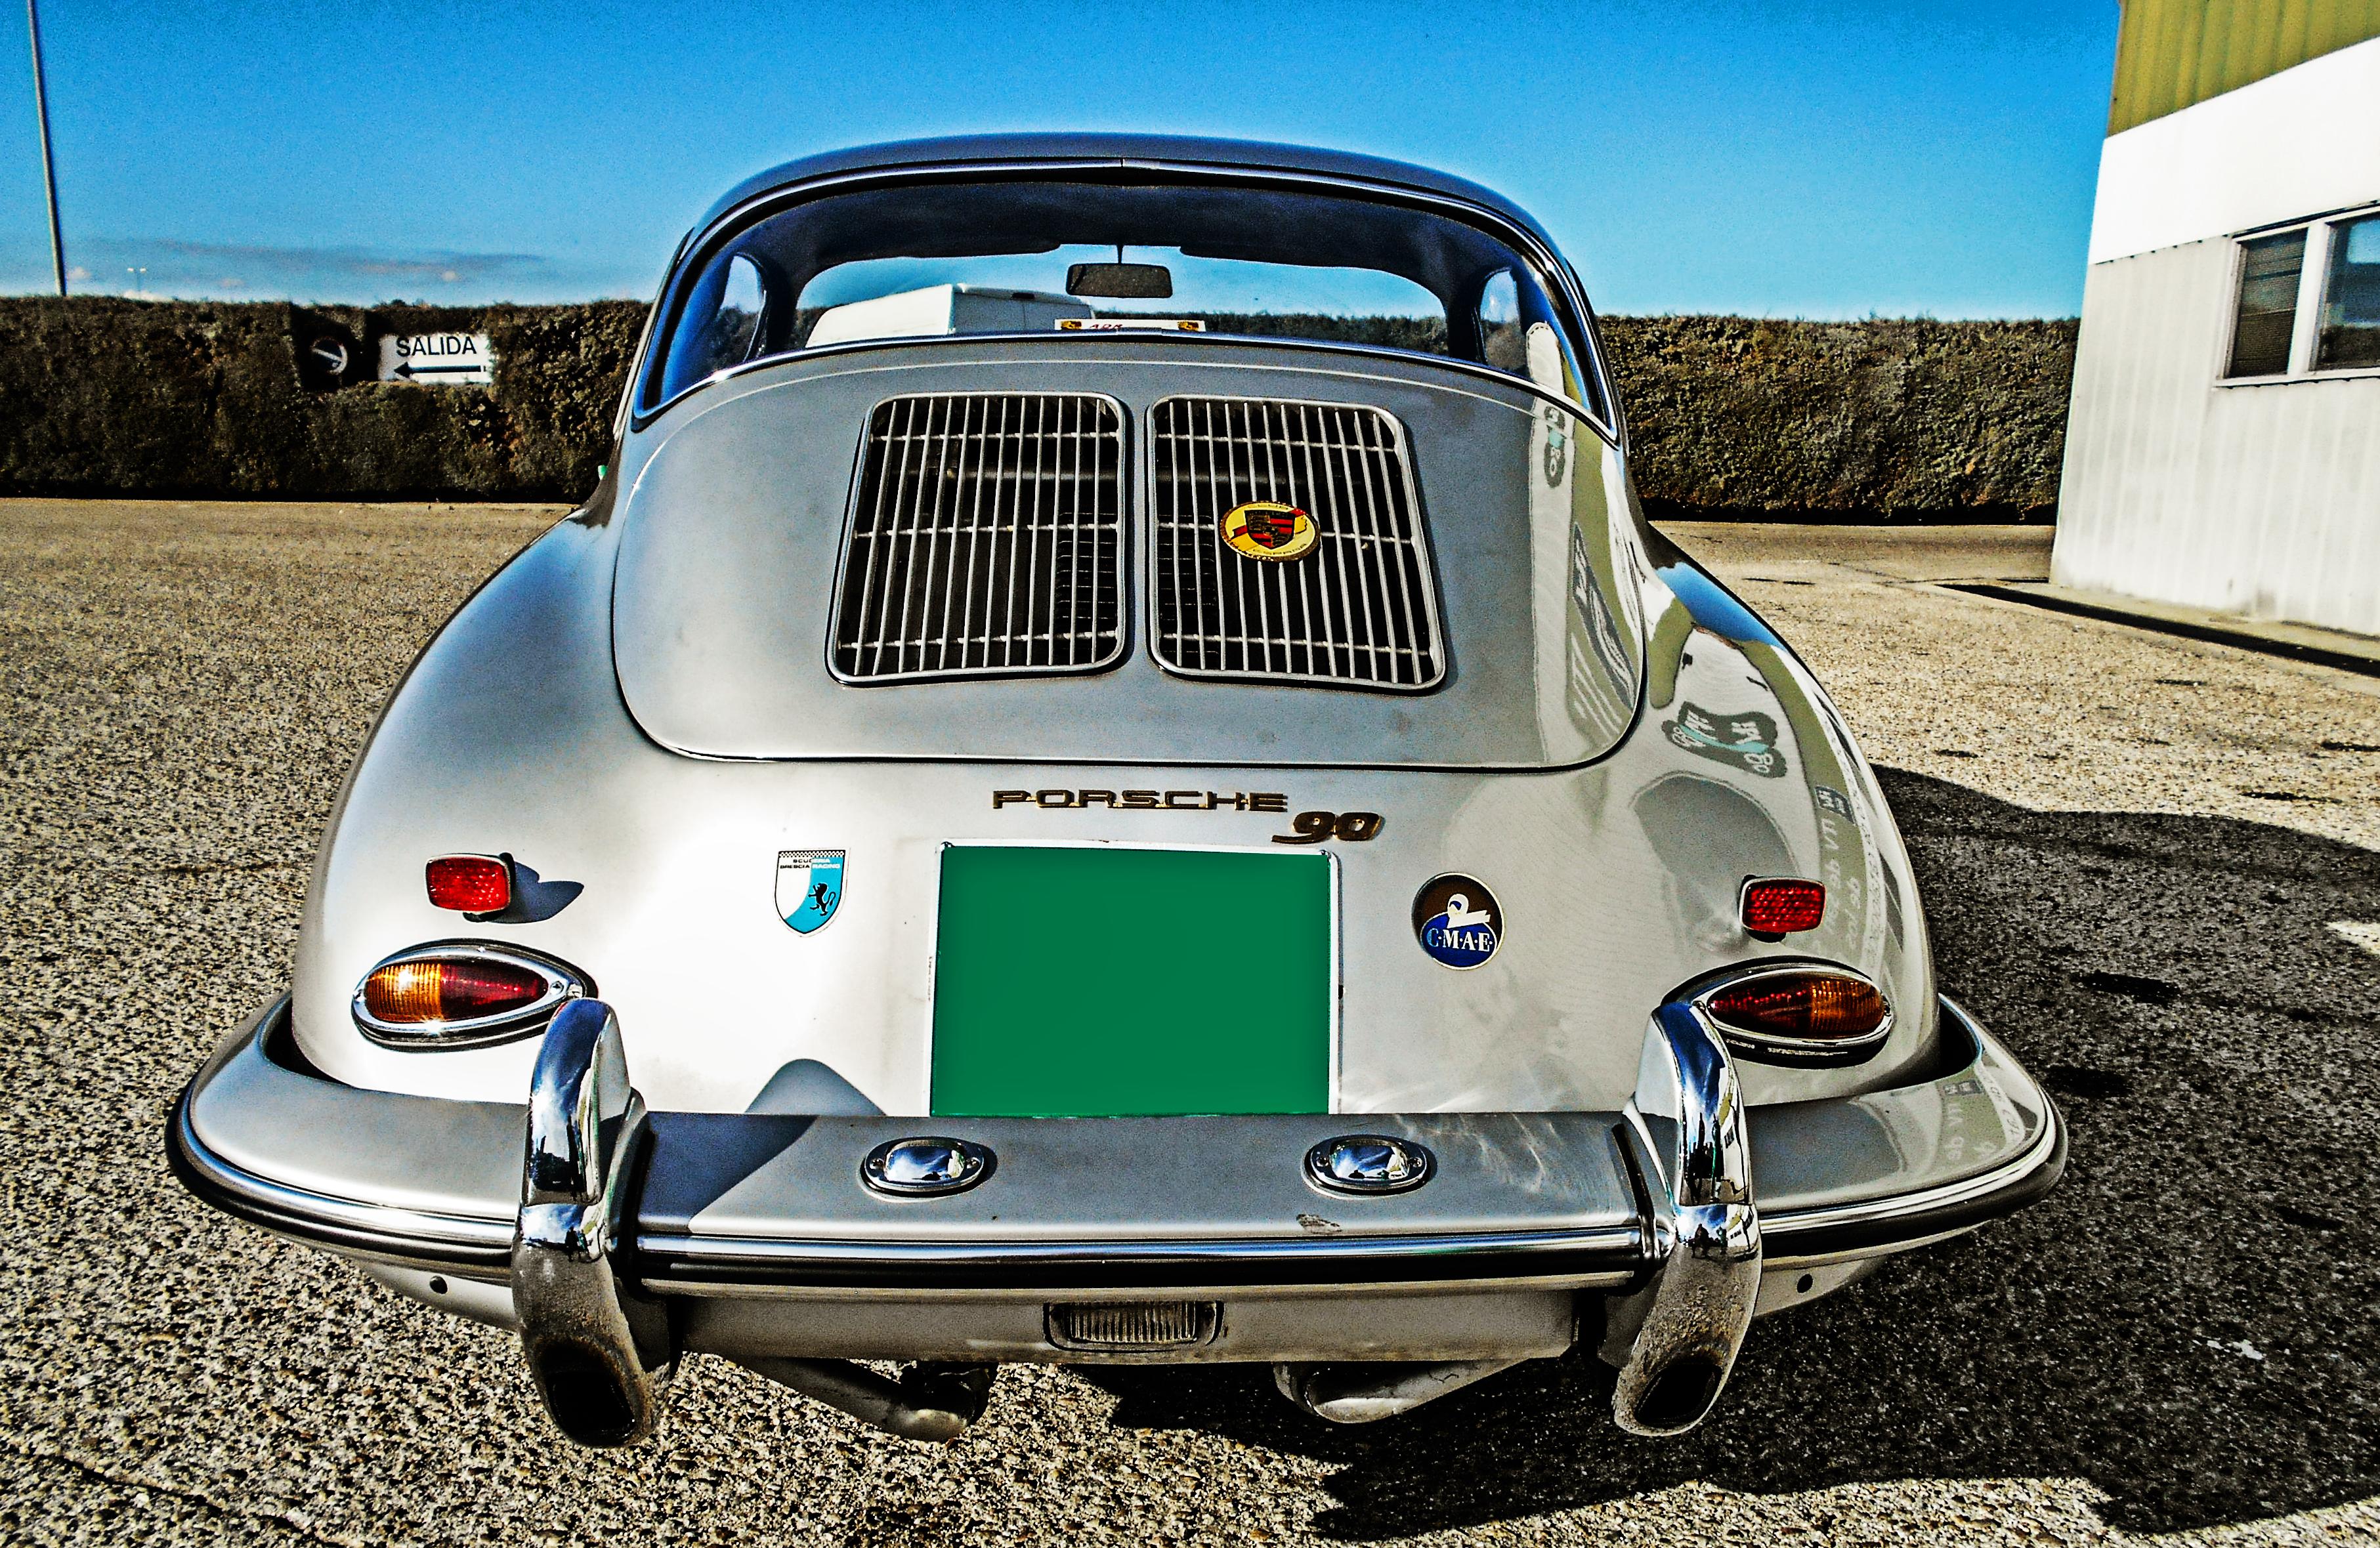 La parte trasera del Porsche 356b.. ¿No os recuerda al Beetle?